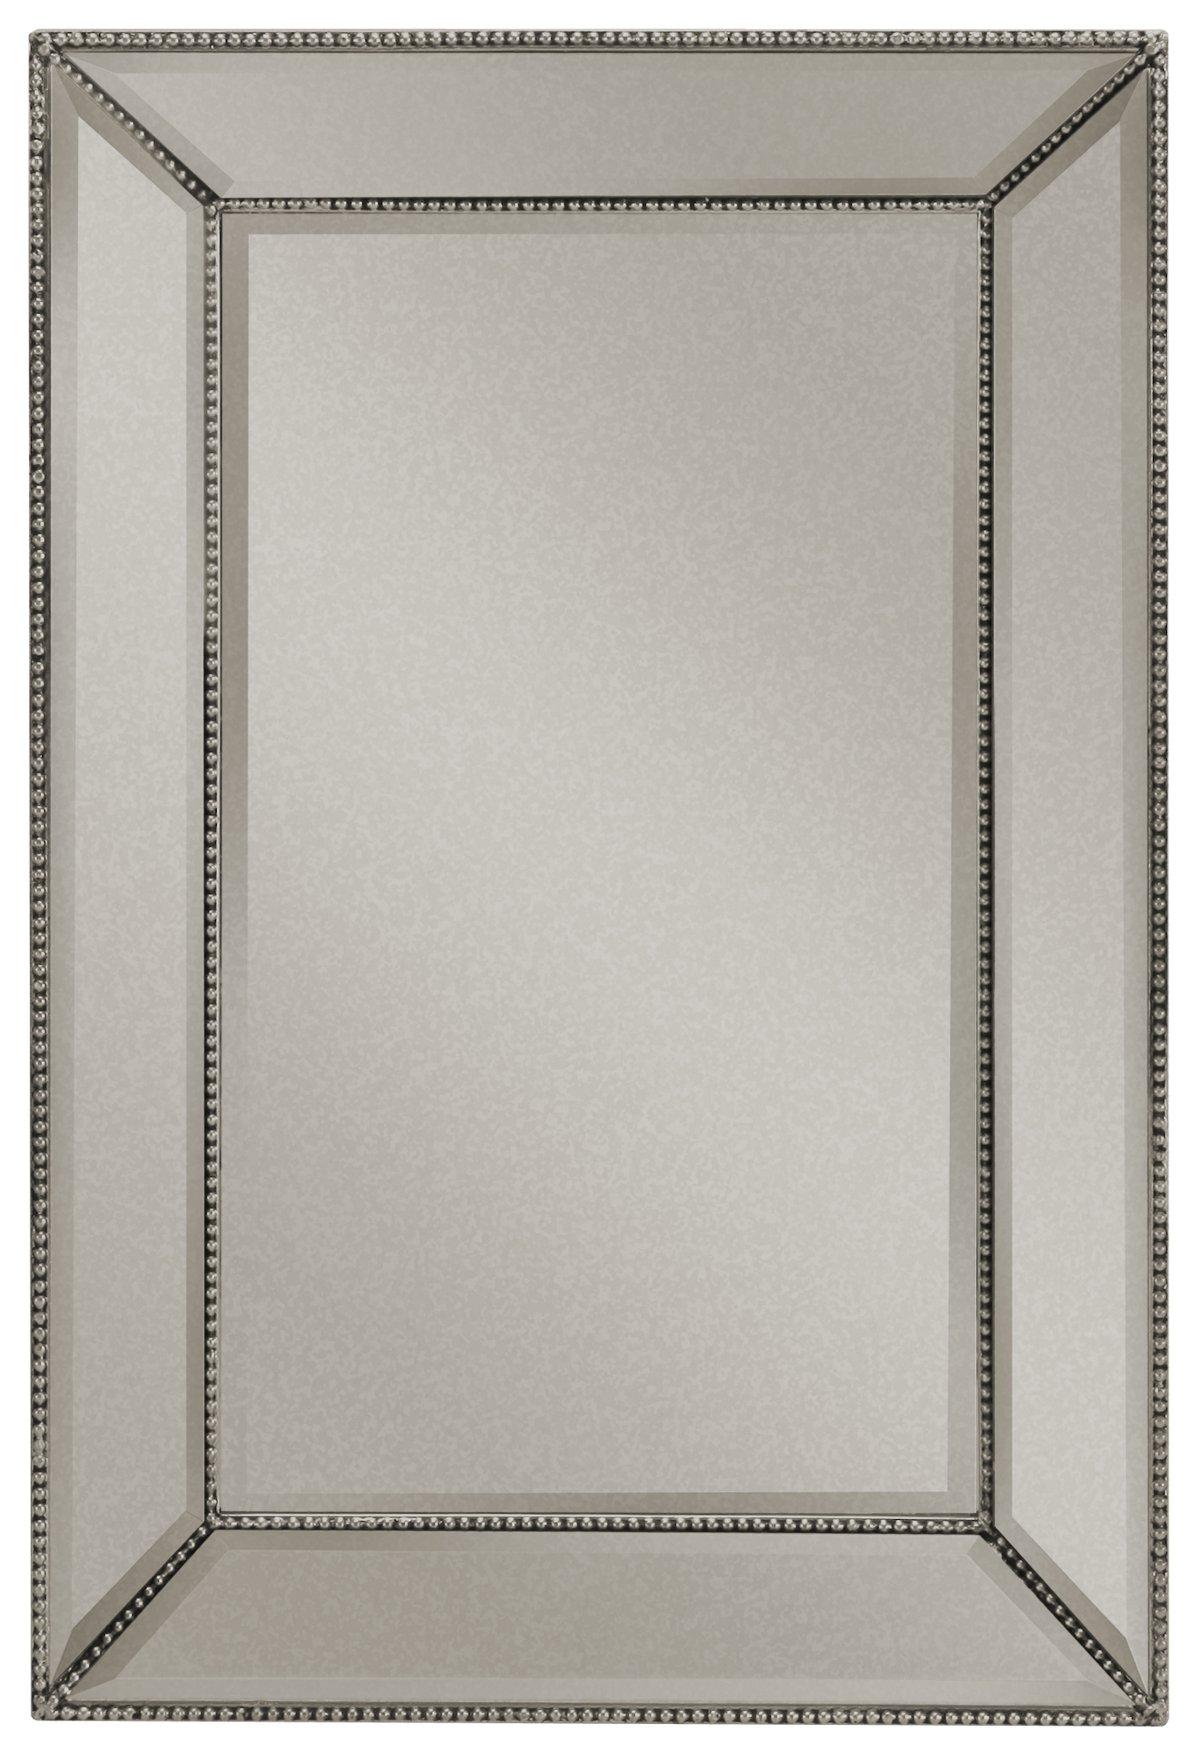 Adiva Silver Mirror